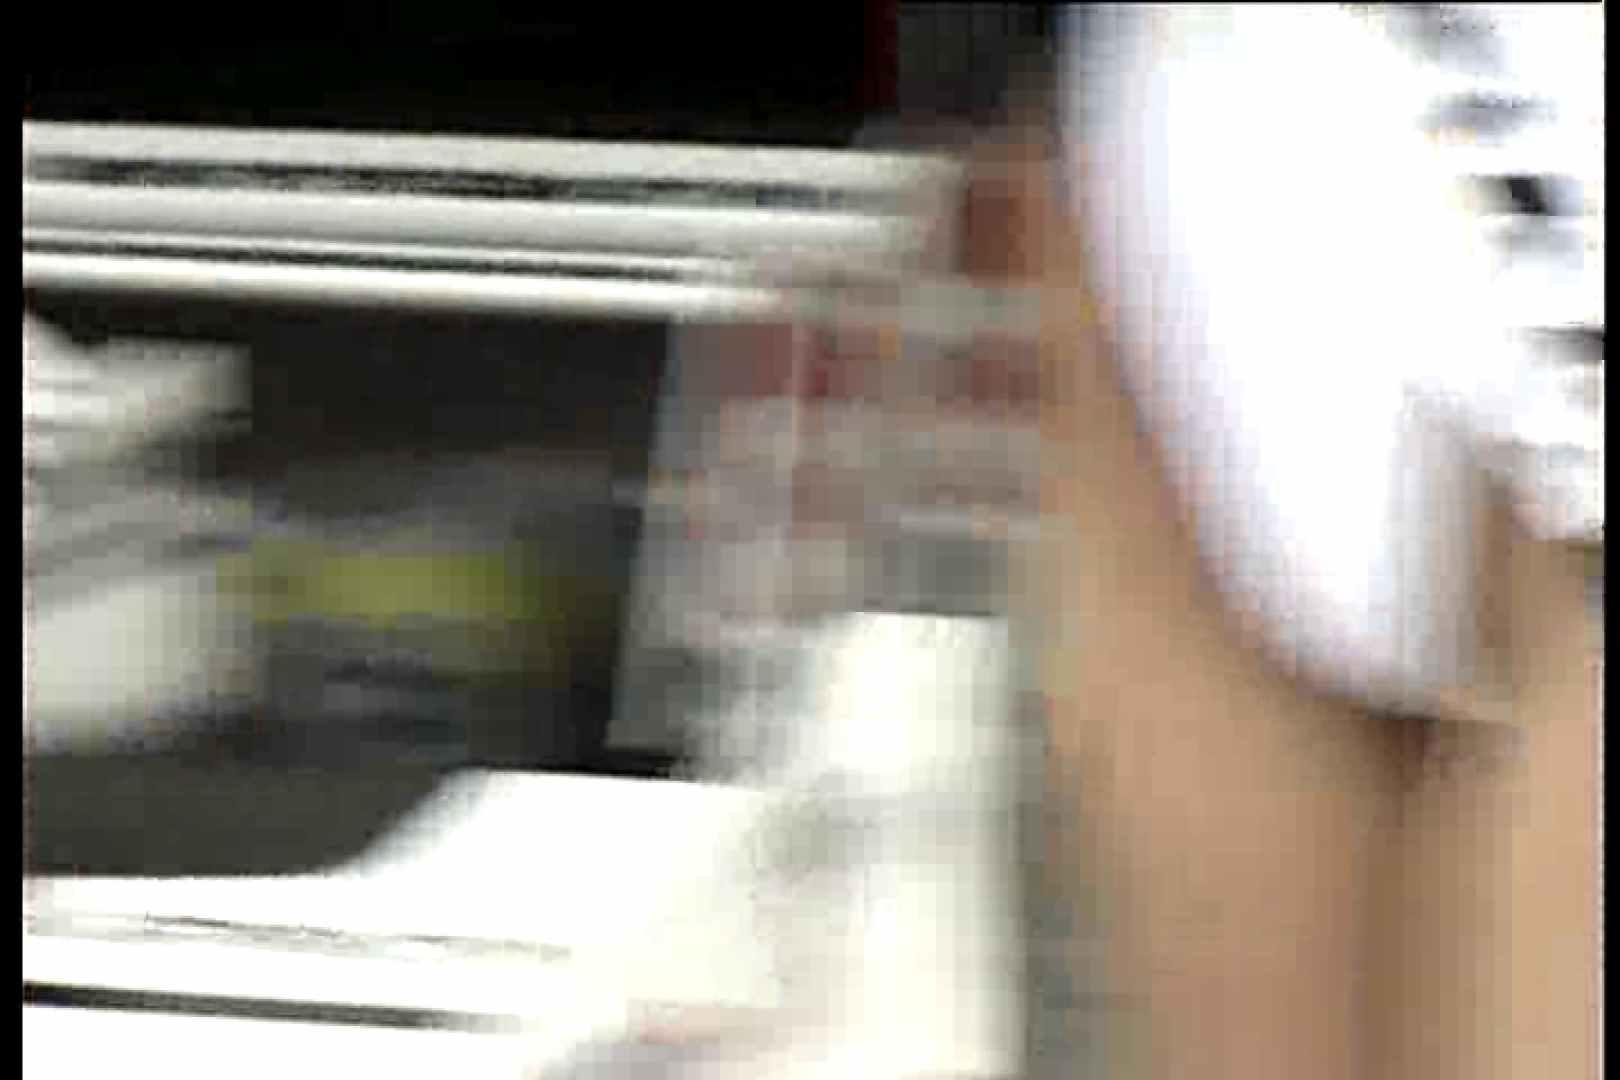 RQカメラ地獄Vol.9 現役ギャル エロ画像 96pic 62